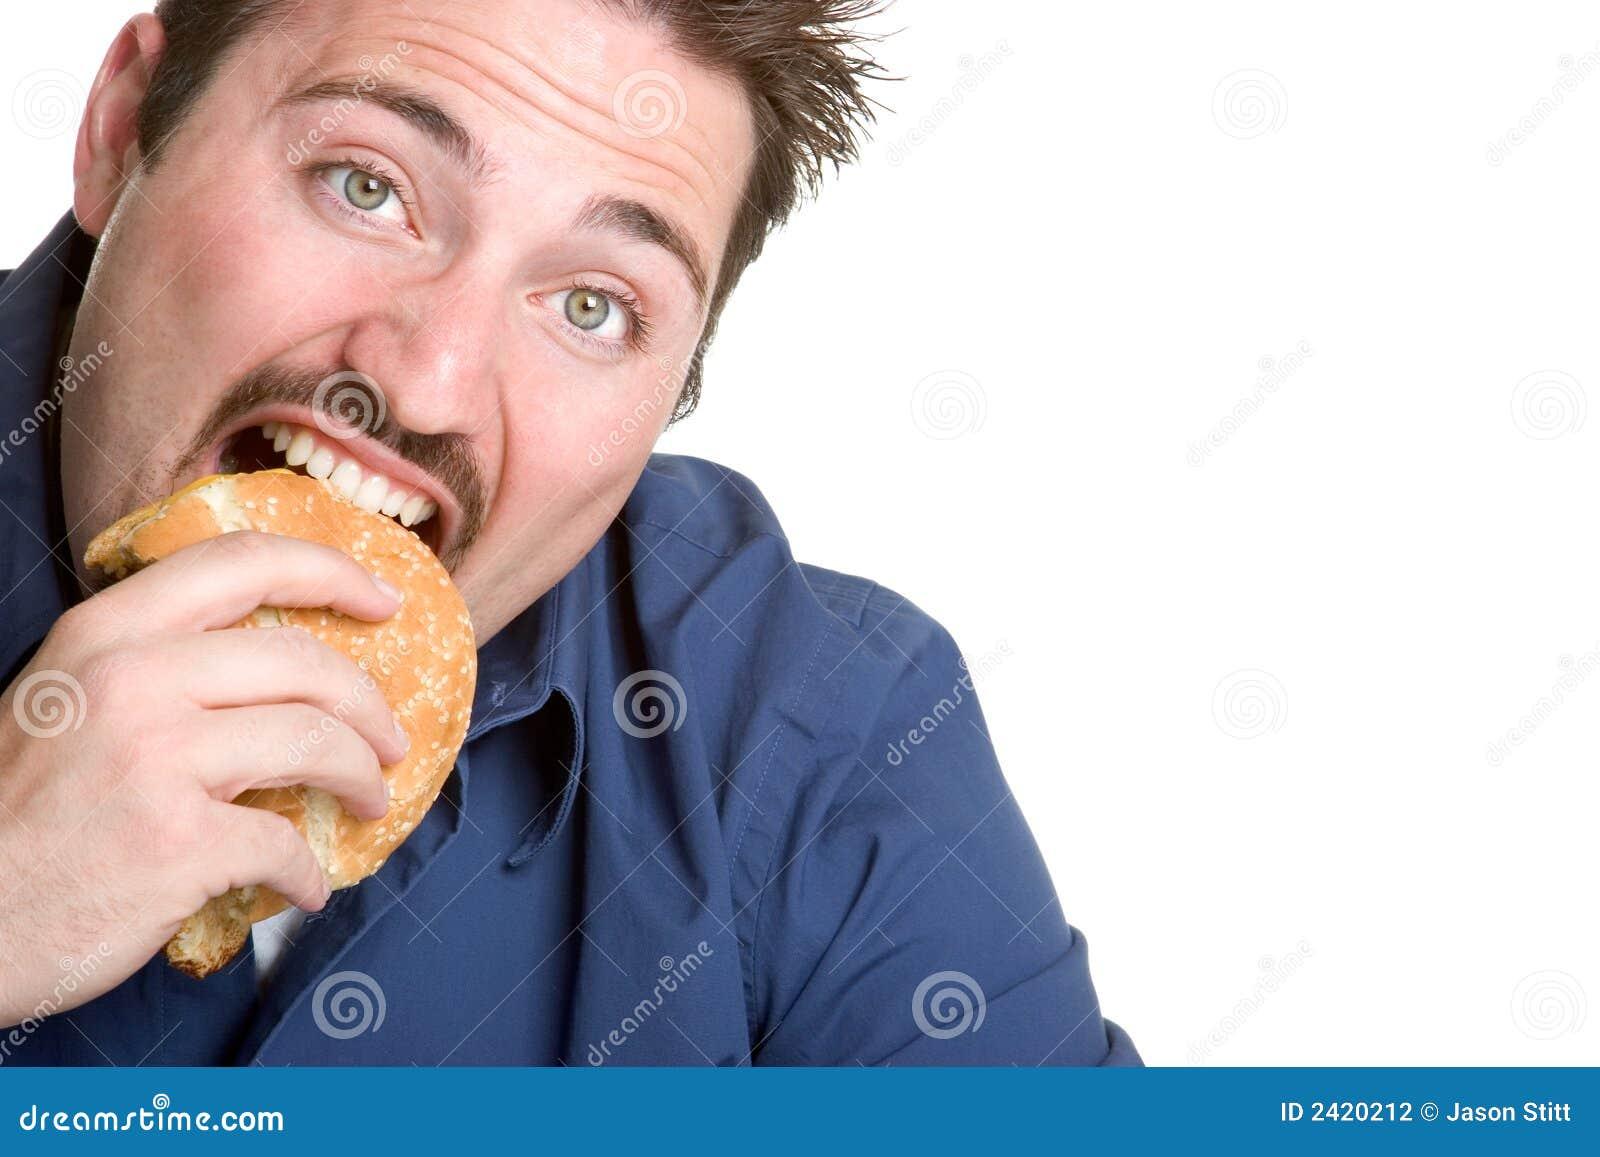 Man Eating Hamburger Stock Photography - Image: 2420212